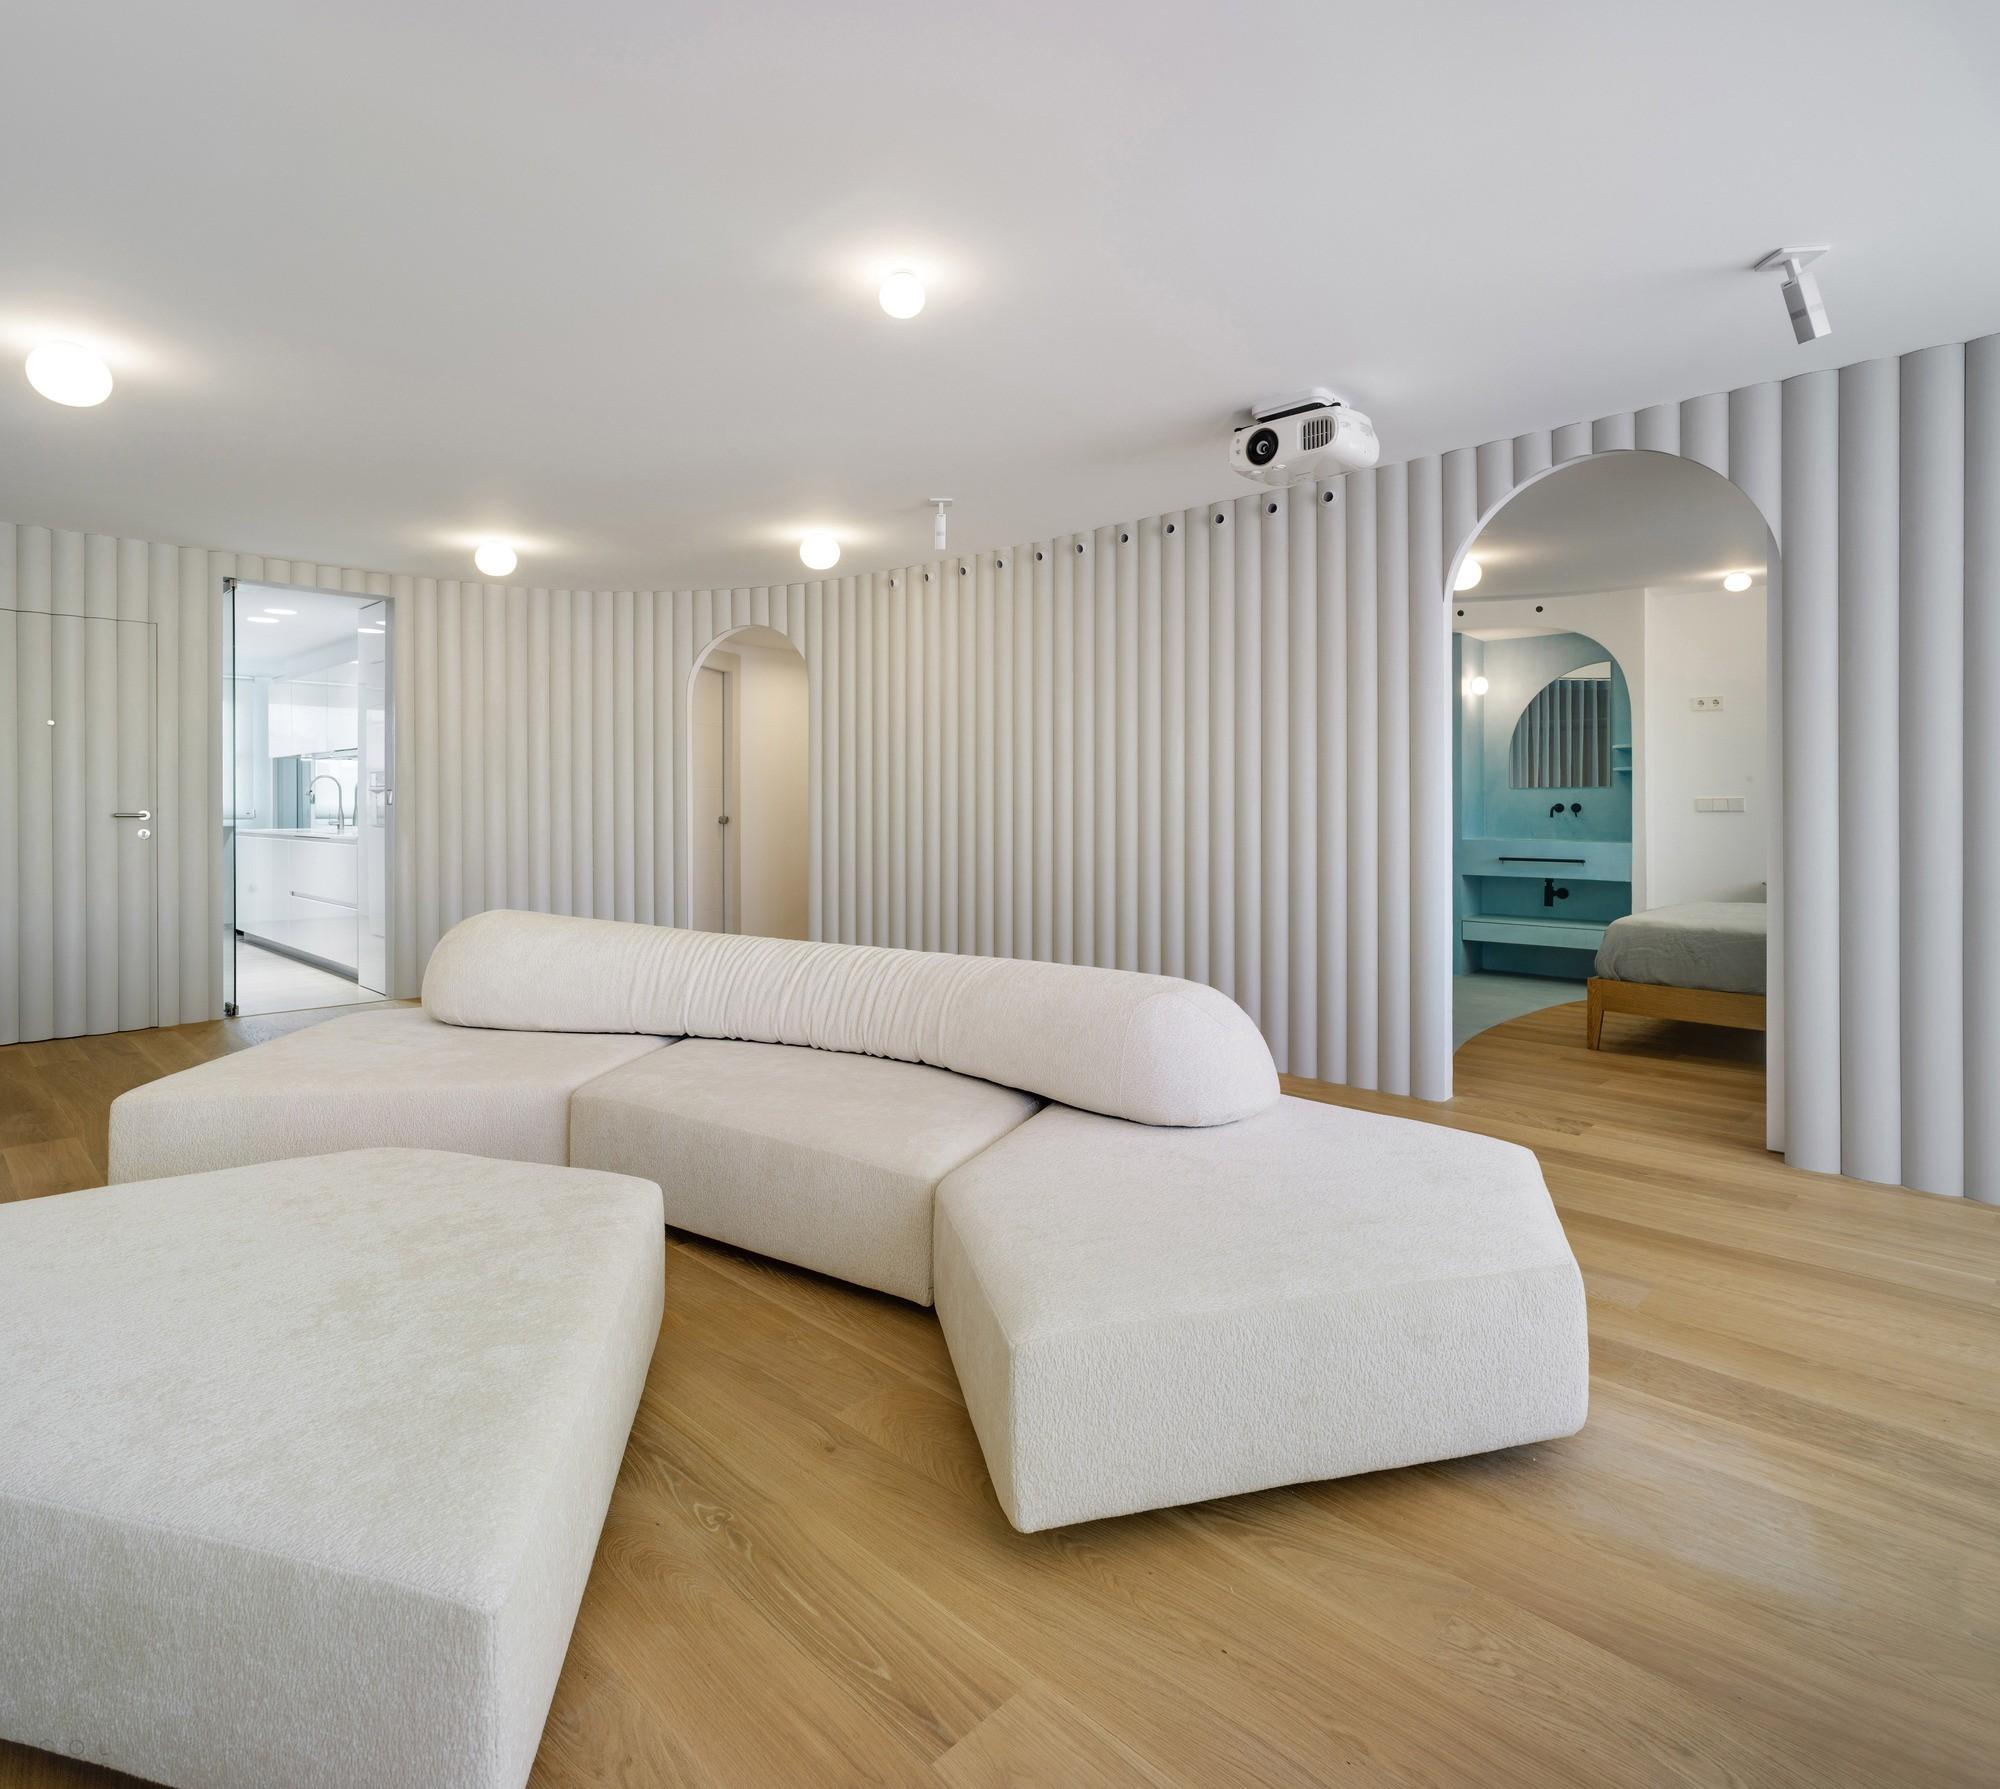 Современные апартаменты с эстетически привлекательным и функциональным интерьером